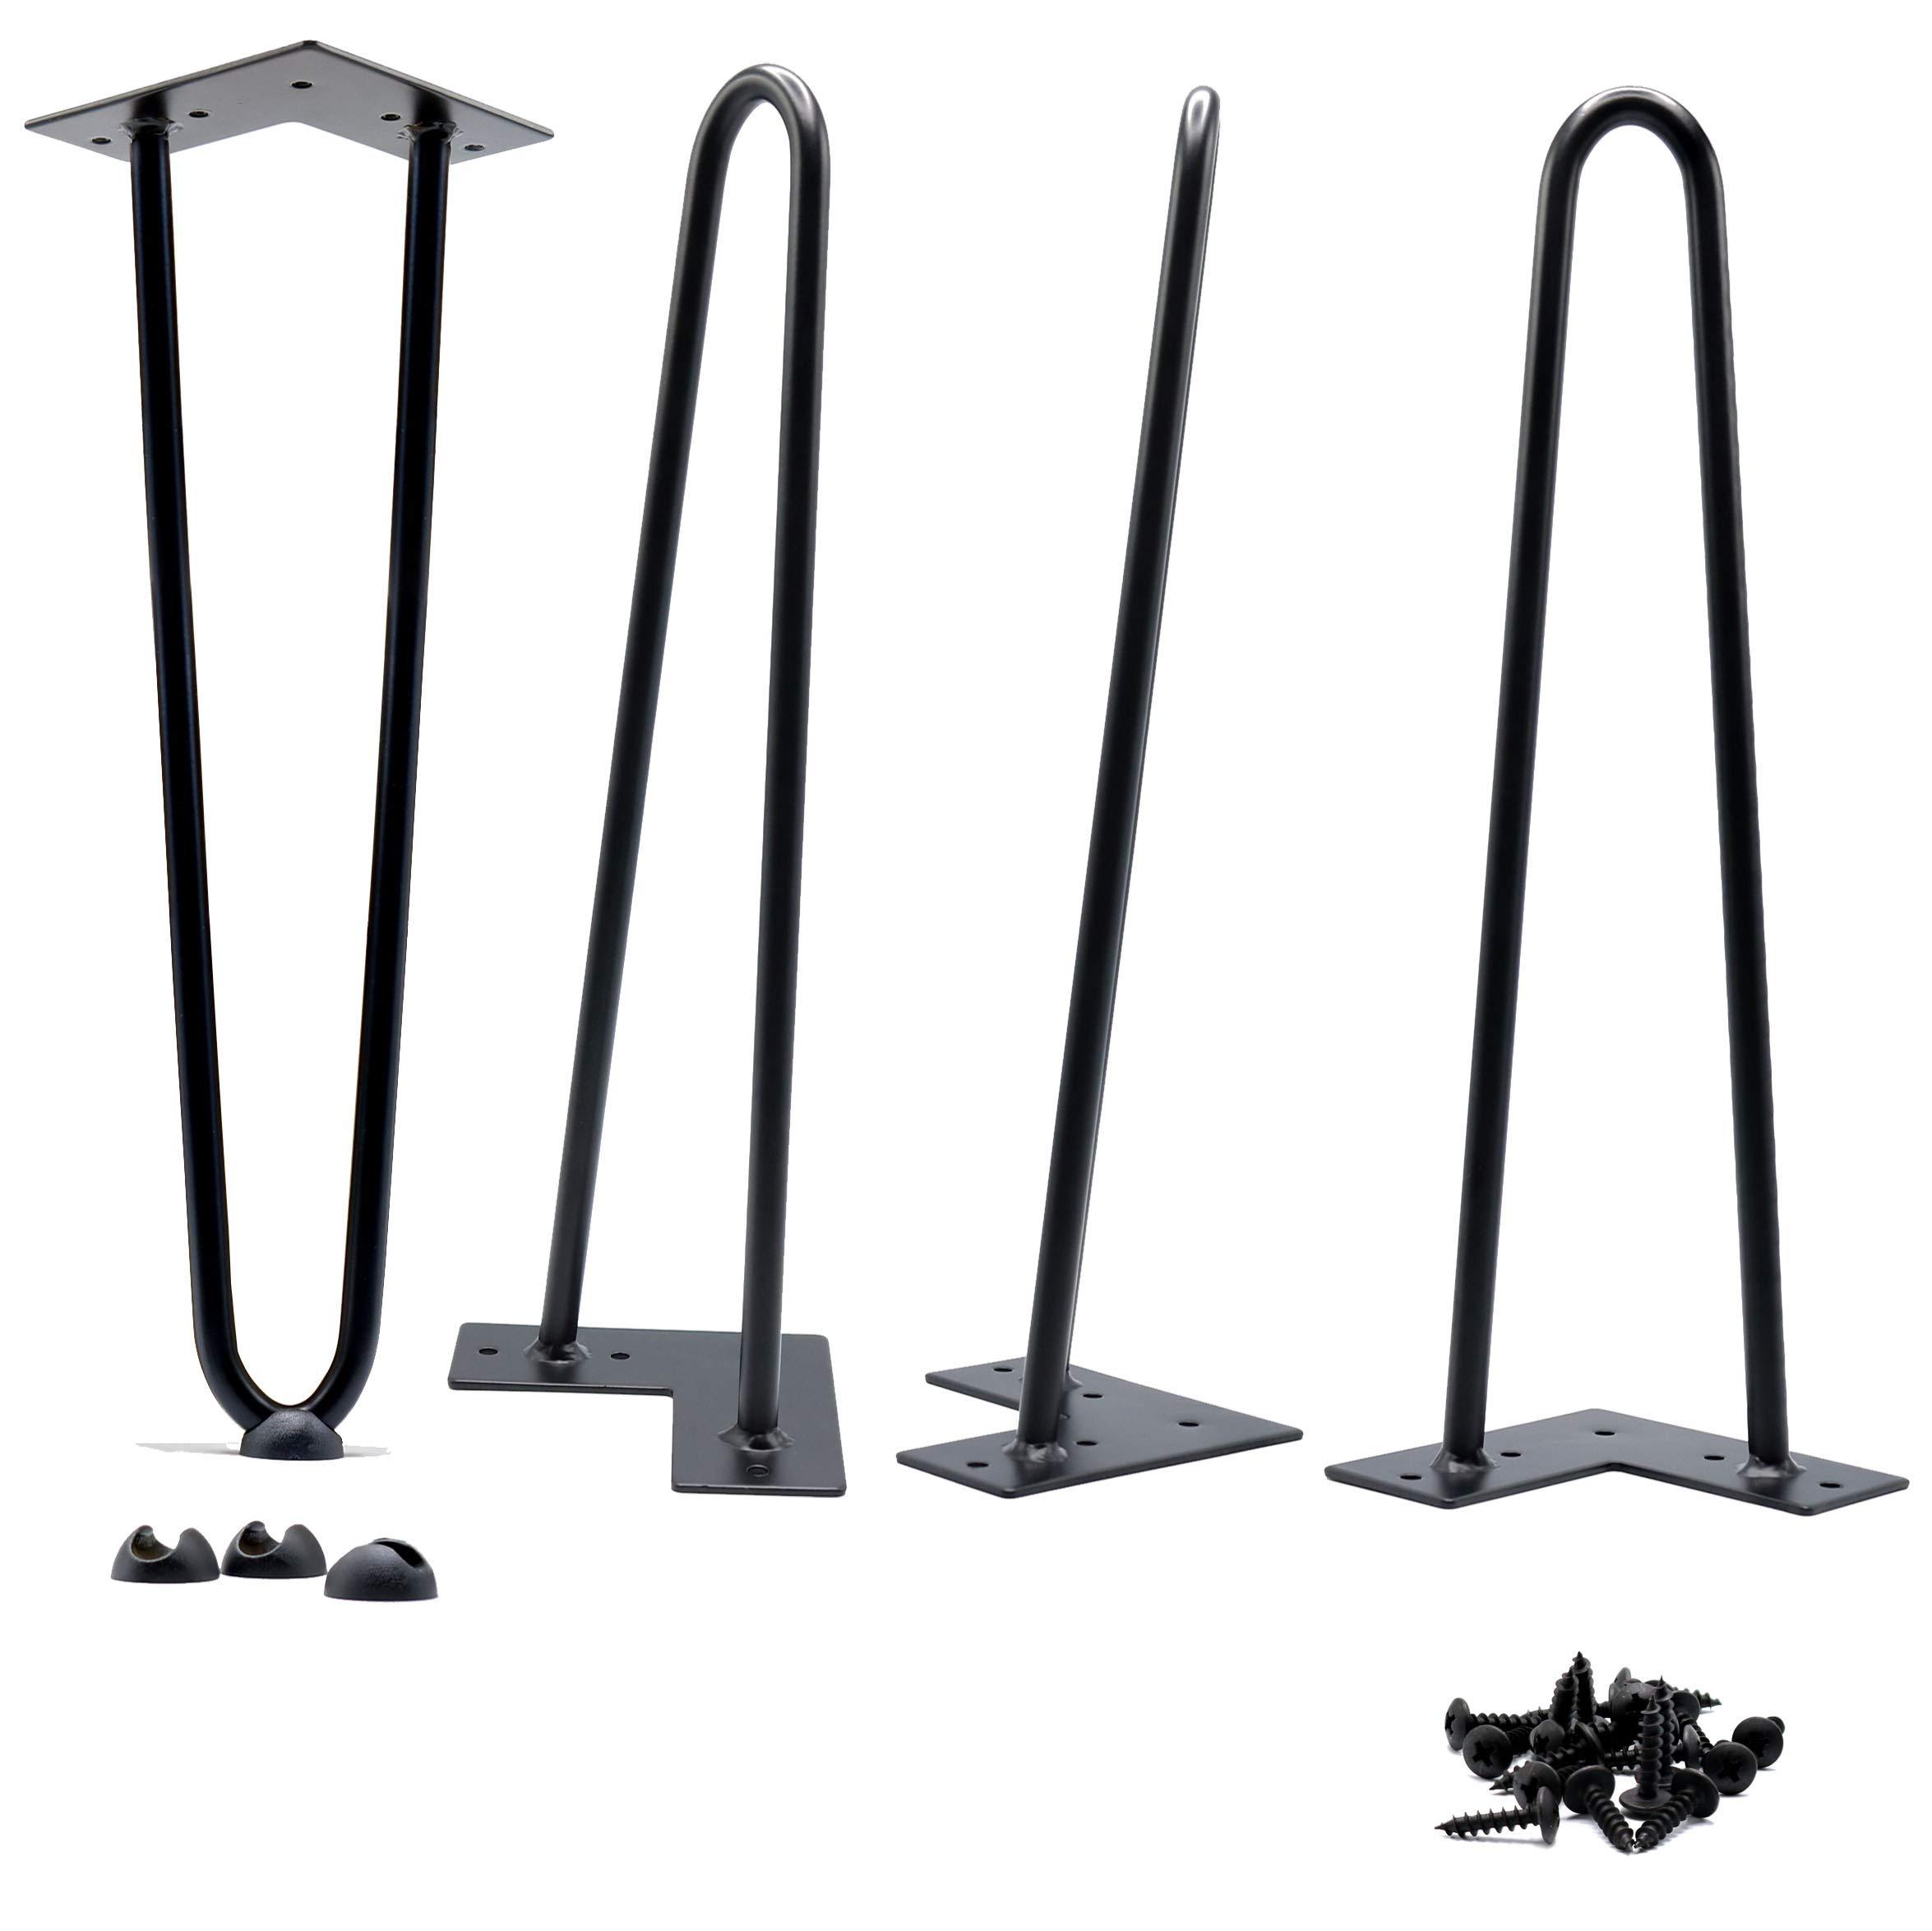 18'' Hairpin Legs 1/2'' [Satin Black] - Leg Protectors(4) + Screws(20) [Set of 4] - Metal Legs - Coffee Table Legs - Desk Legs - Furniture Legs - Mid Century Modern by Homeland Hardware